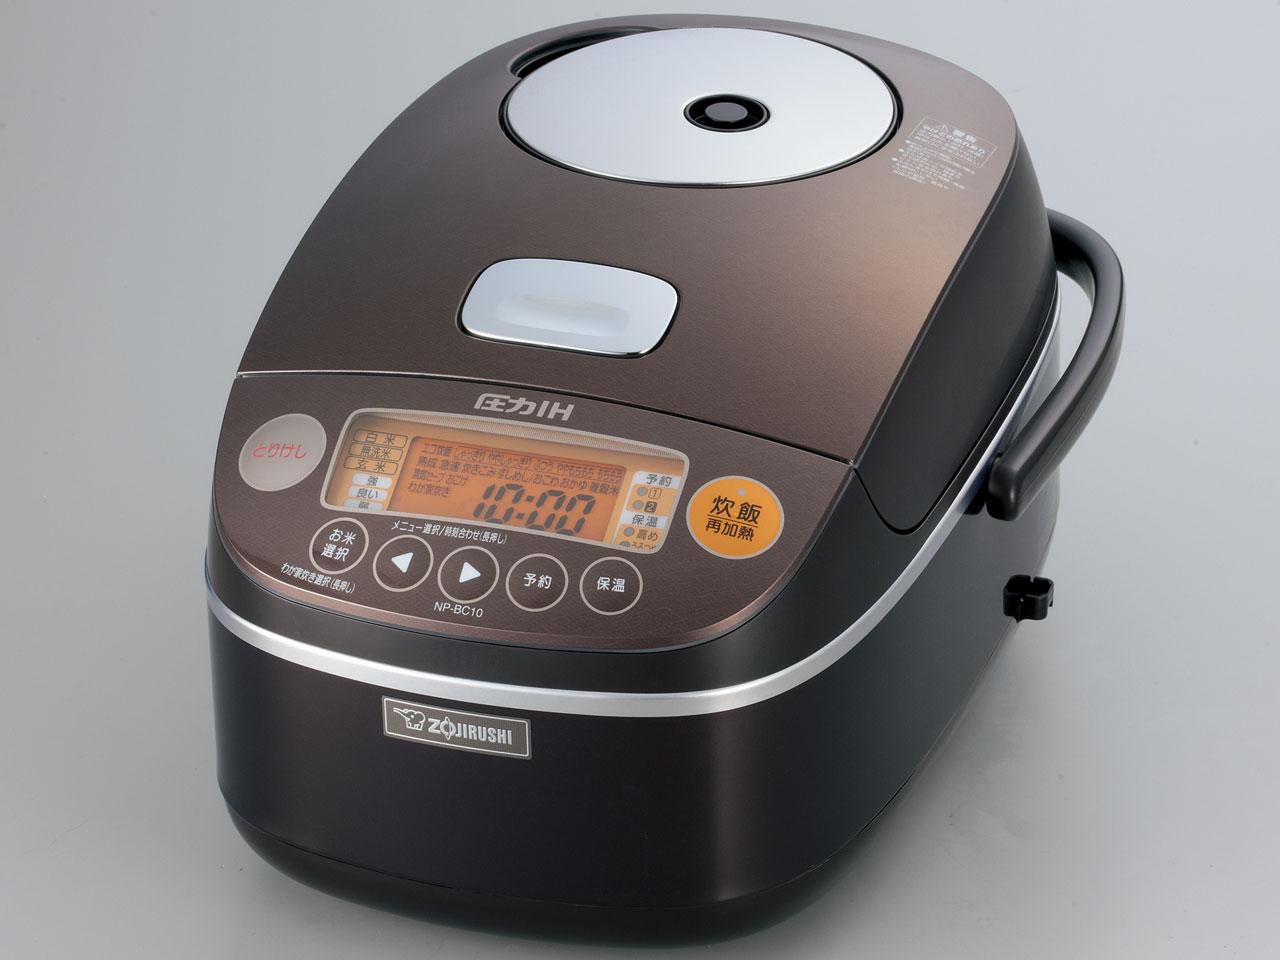 極め炊き NP-BC10-TA [ブラウン] の製品画像